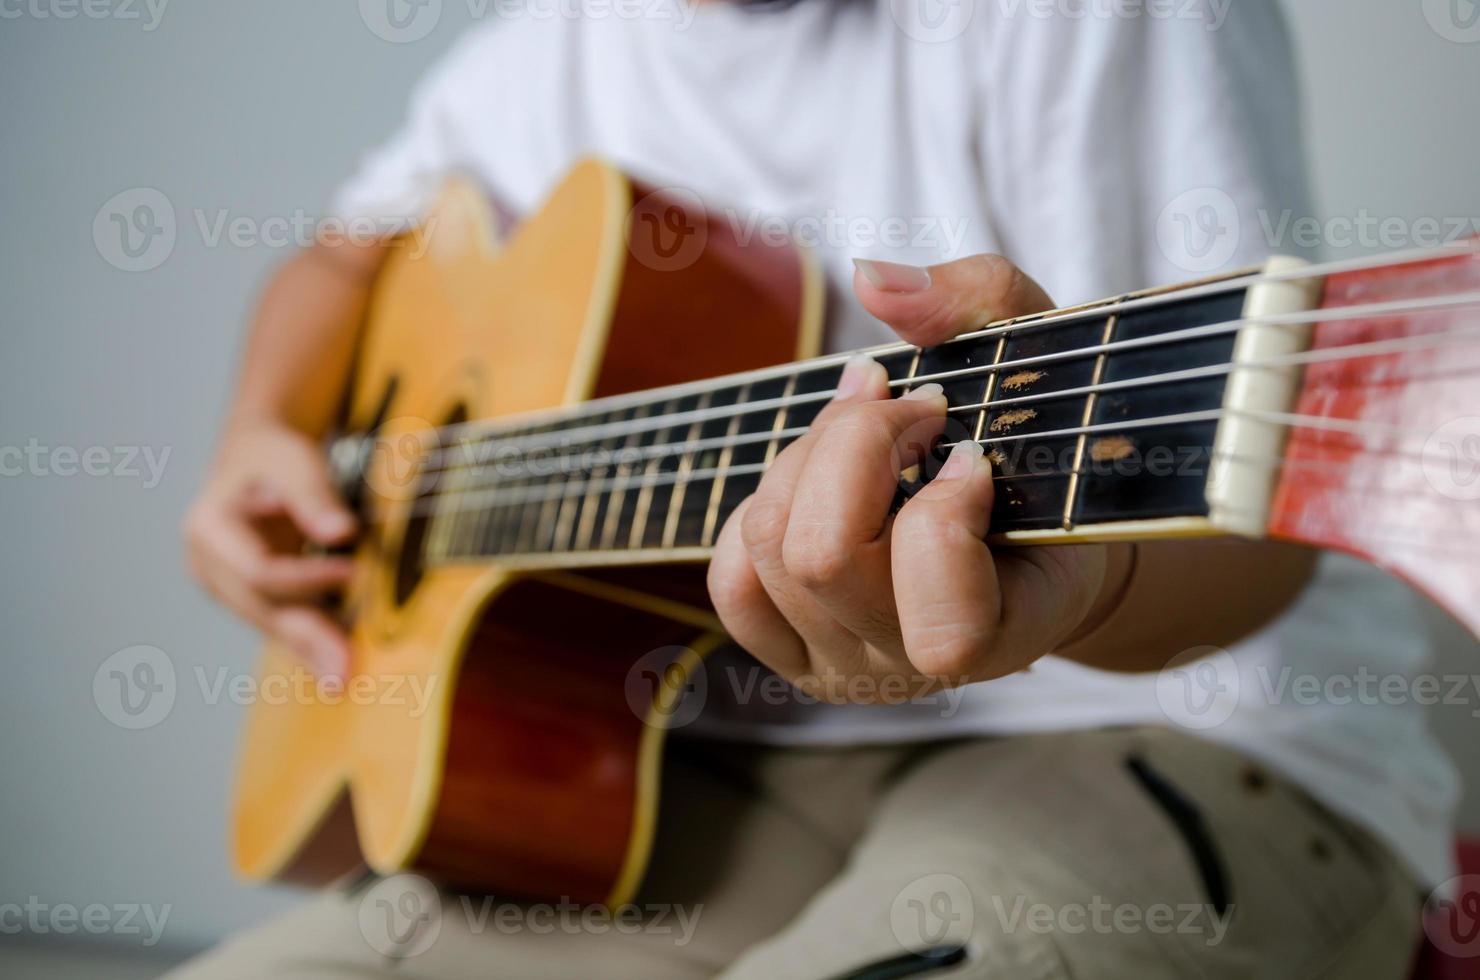 vrouwelijke hand muziek afspelen door akoestische gitaar foto